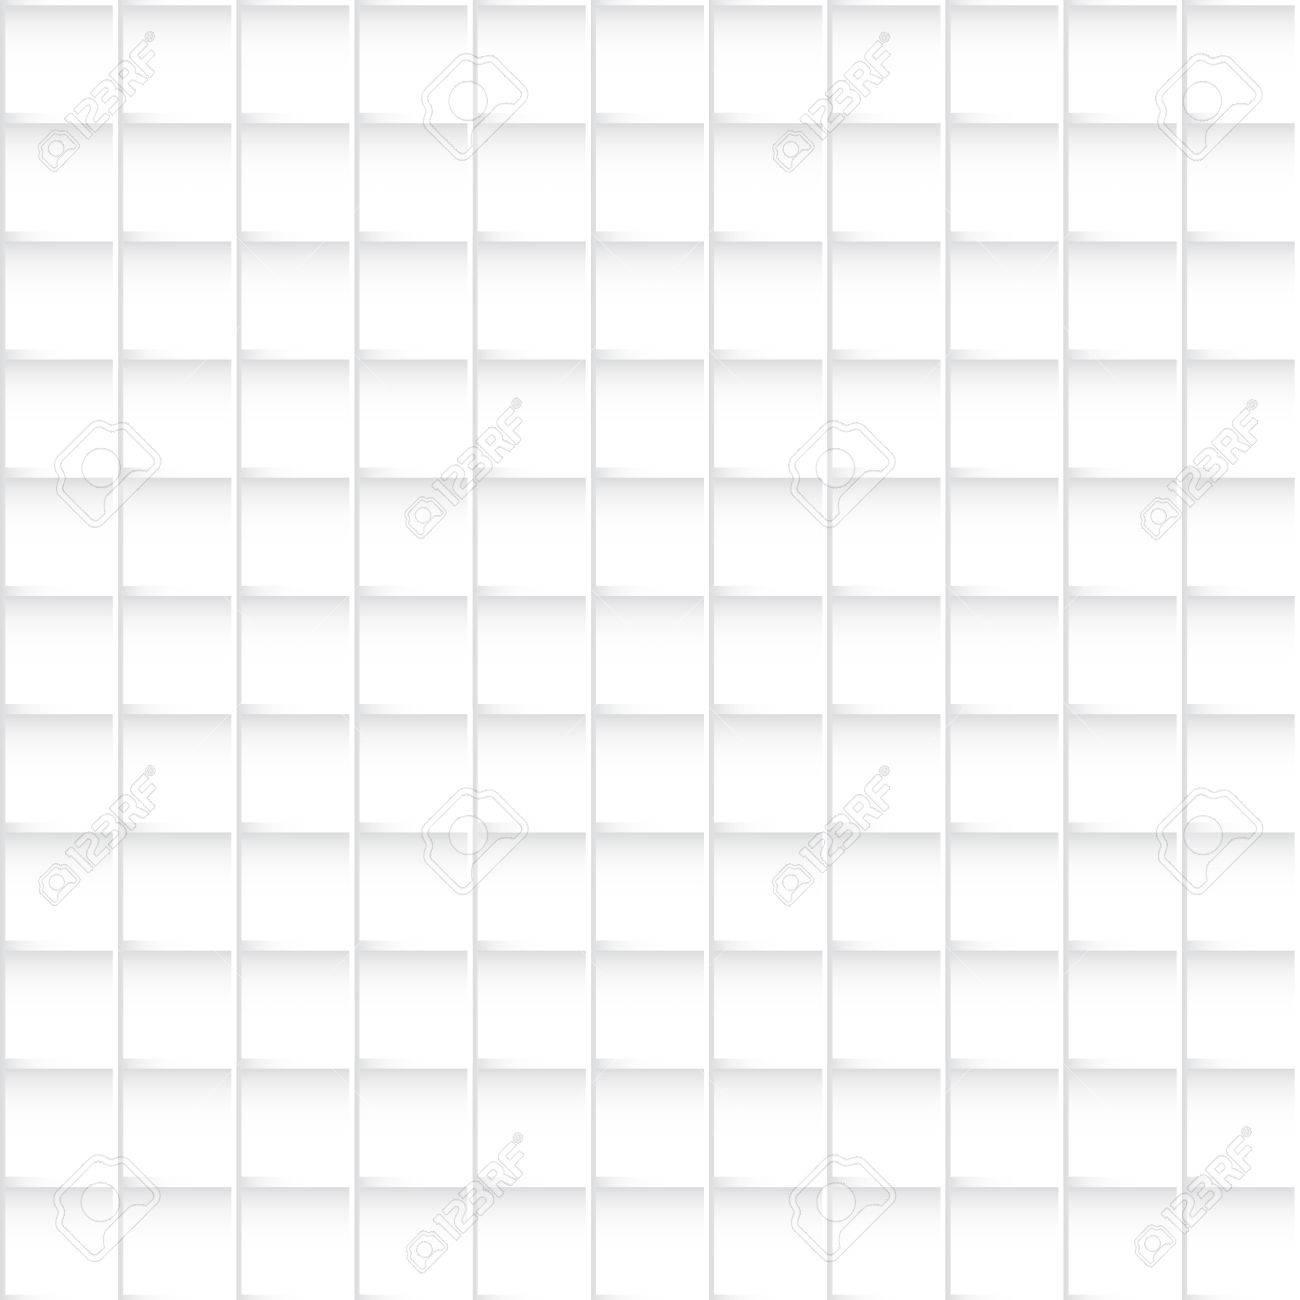 Tolle Nfl Quadrate Vorlage Bilder - Beispiel Business Lebenslauf ...